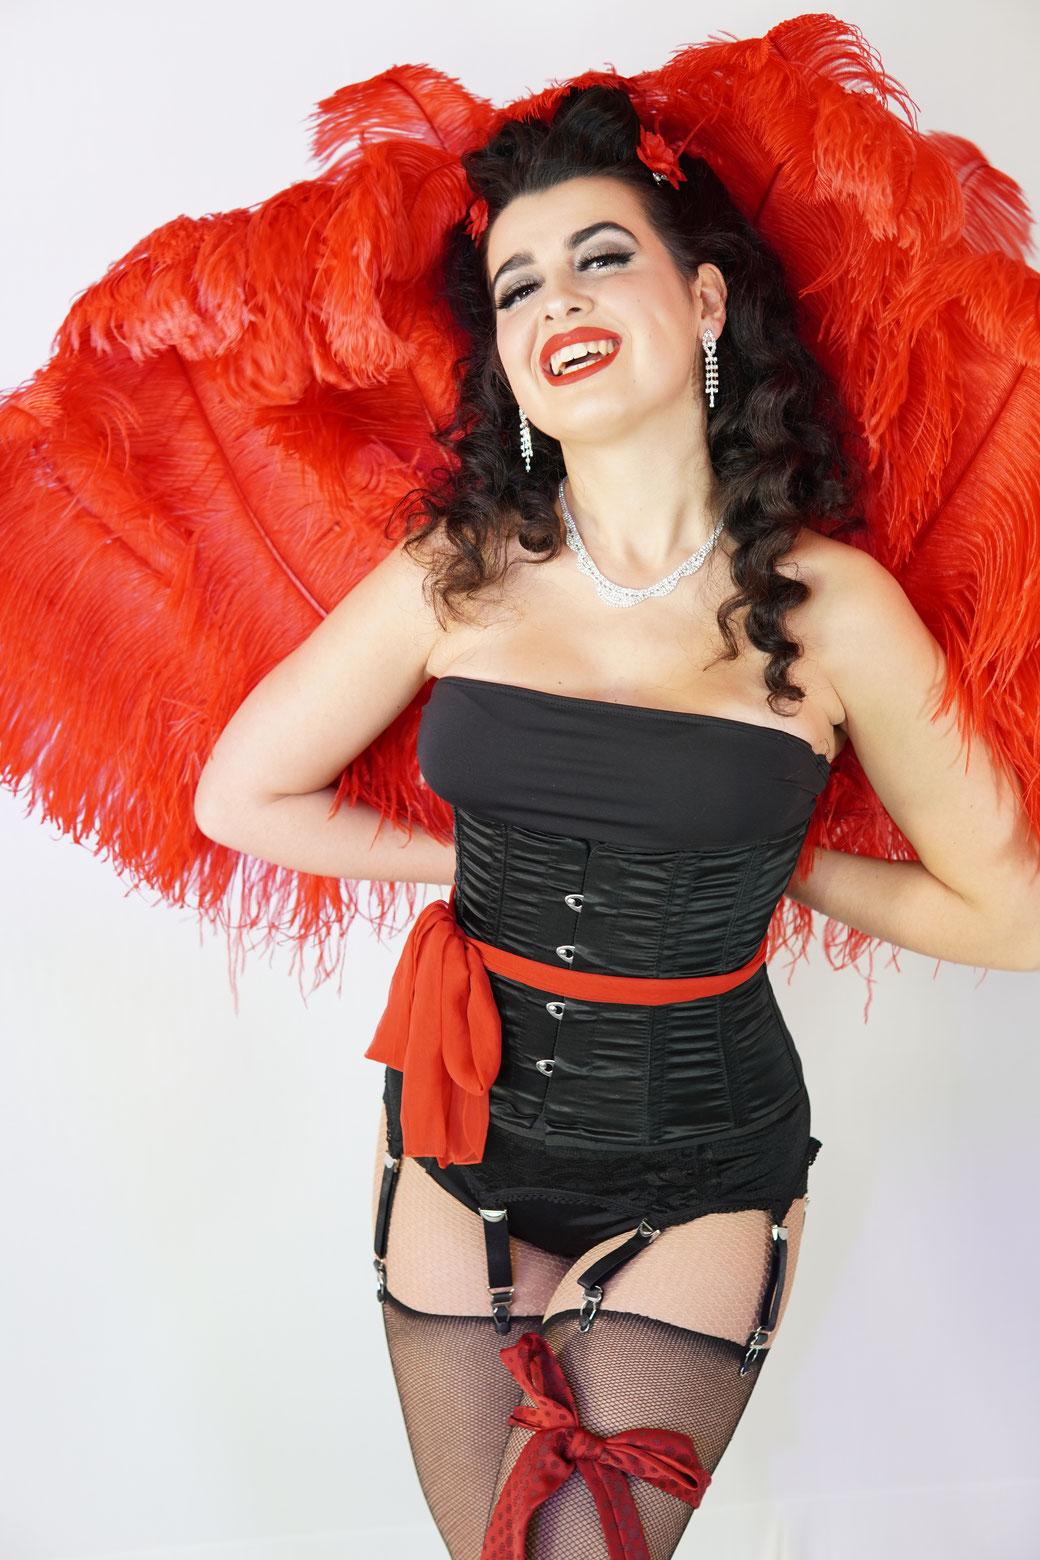 Trixie Trouble Sensation Sisters Burlesque München, Workshop Kurs Burlesque Striptease lernen